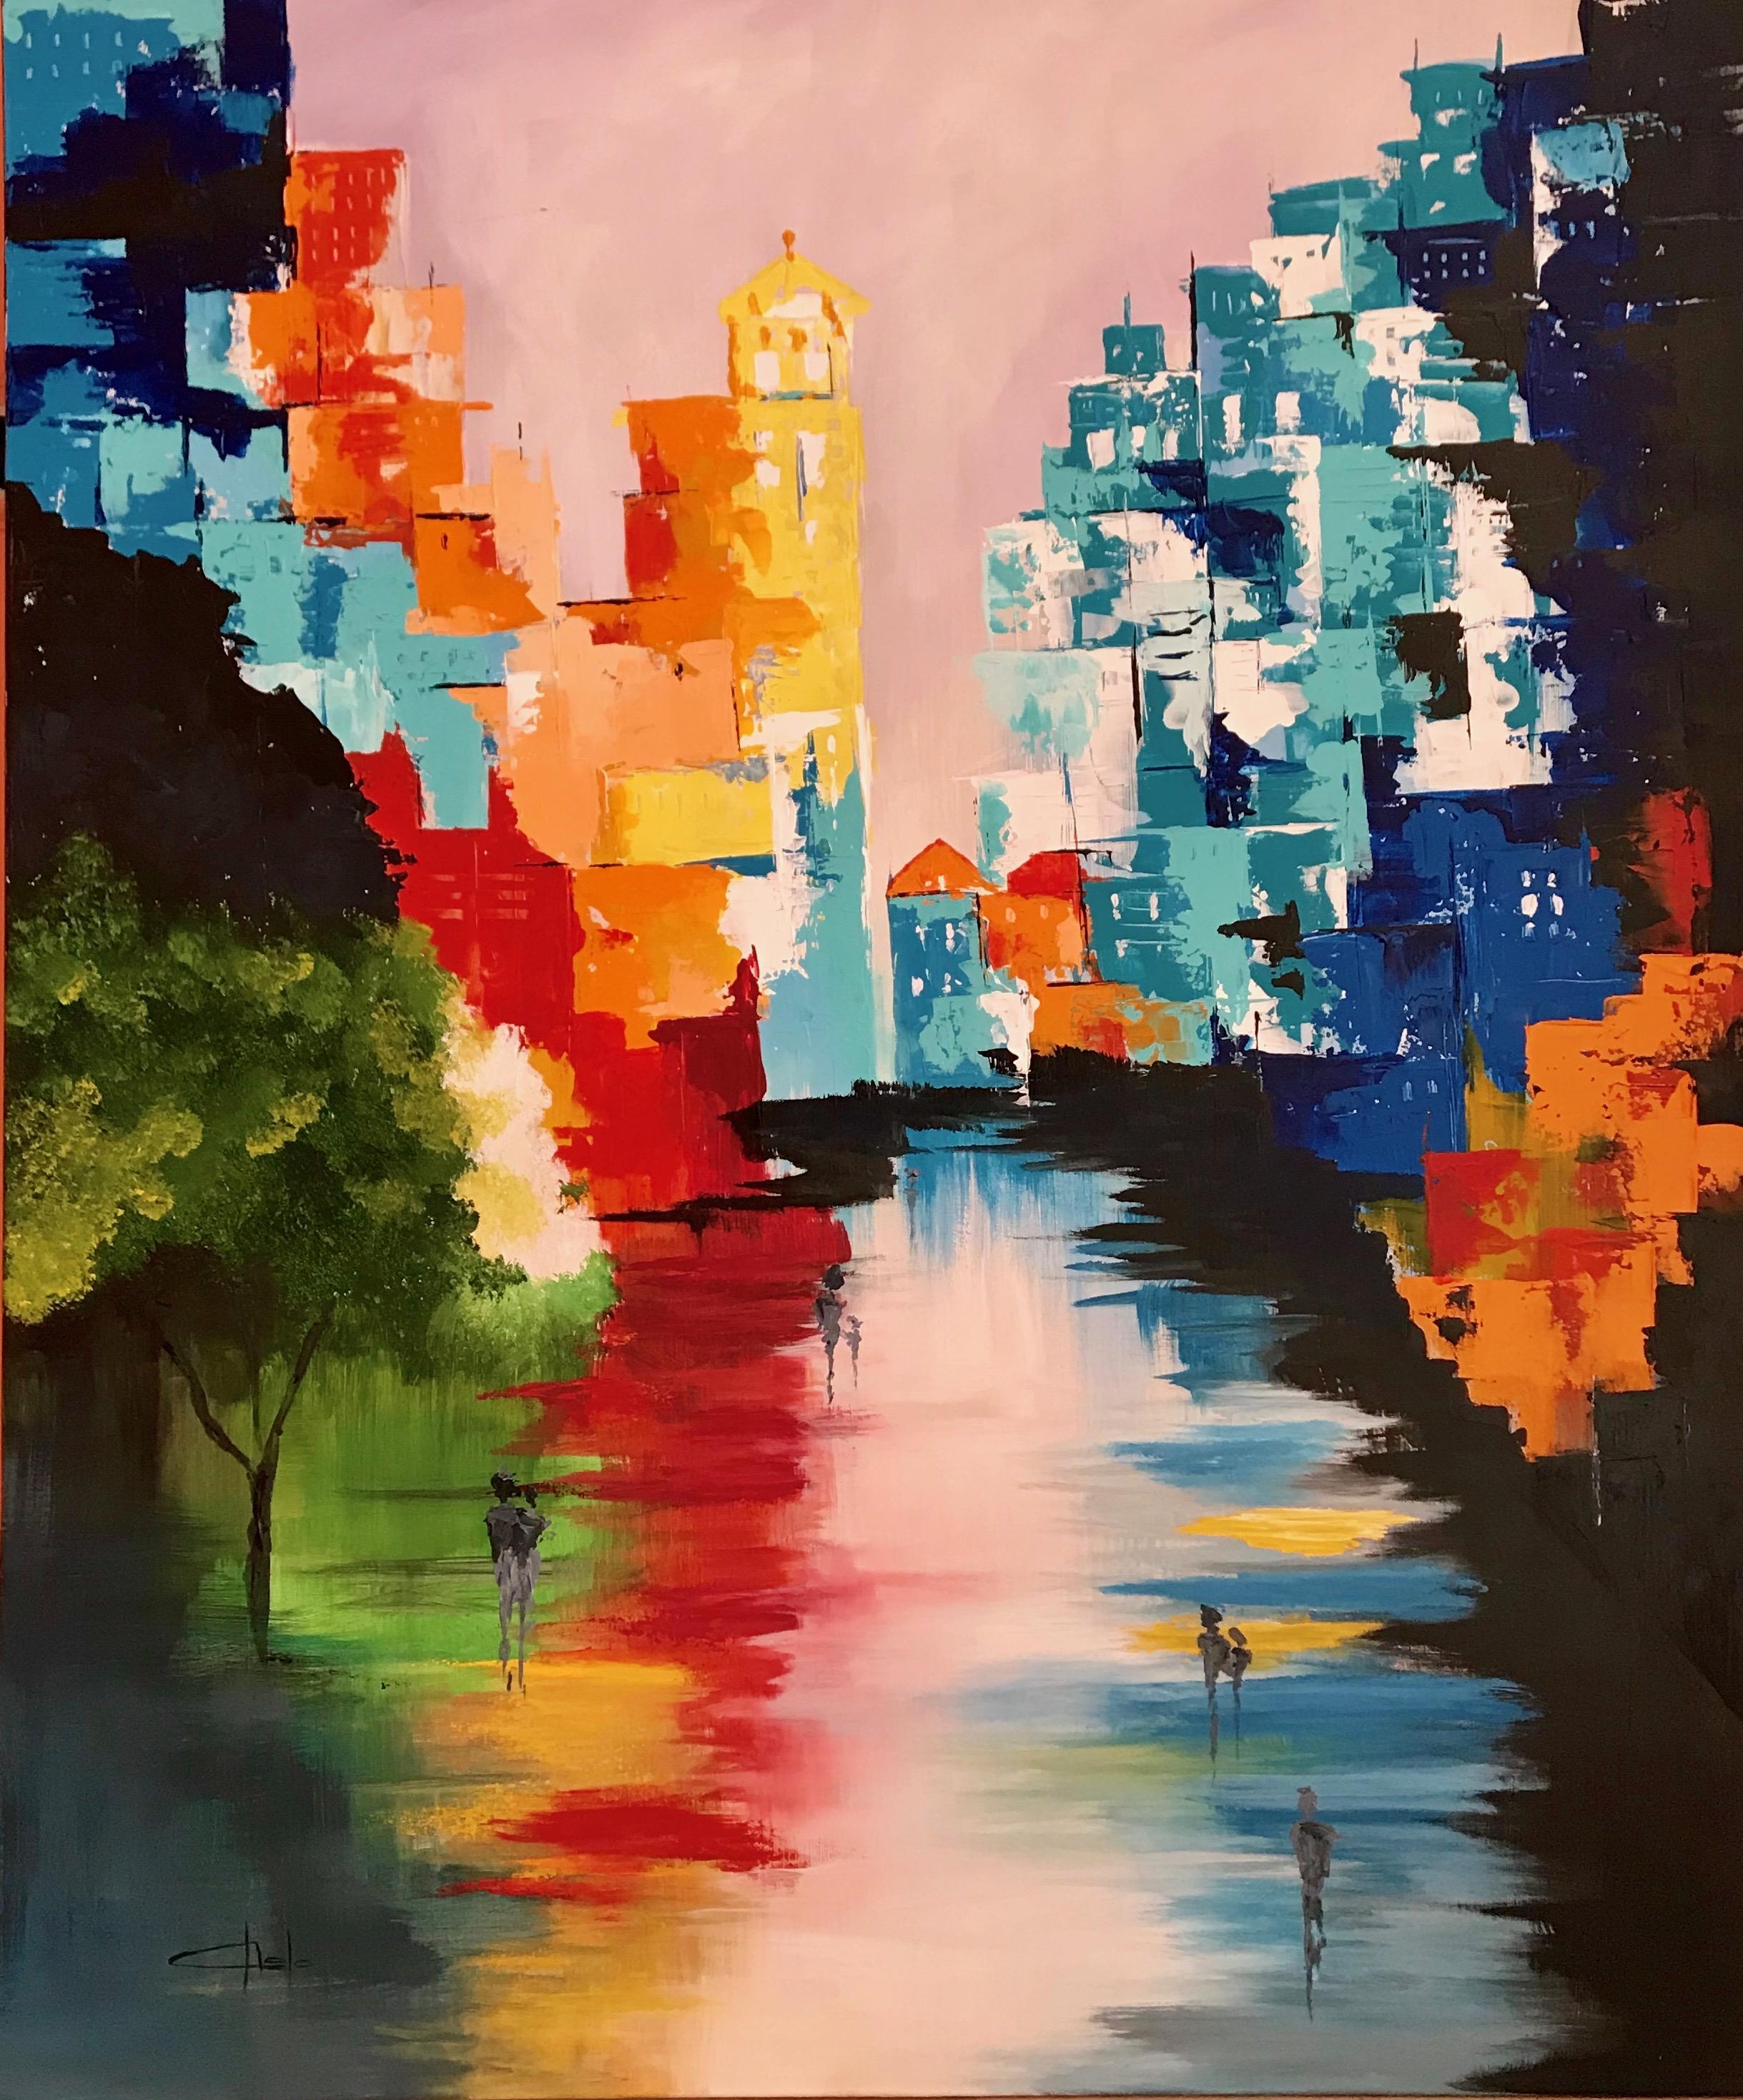 «Abstracto Urbano colores»